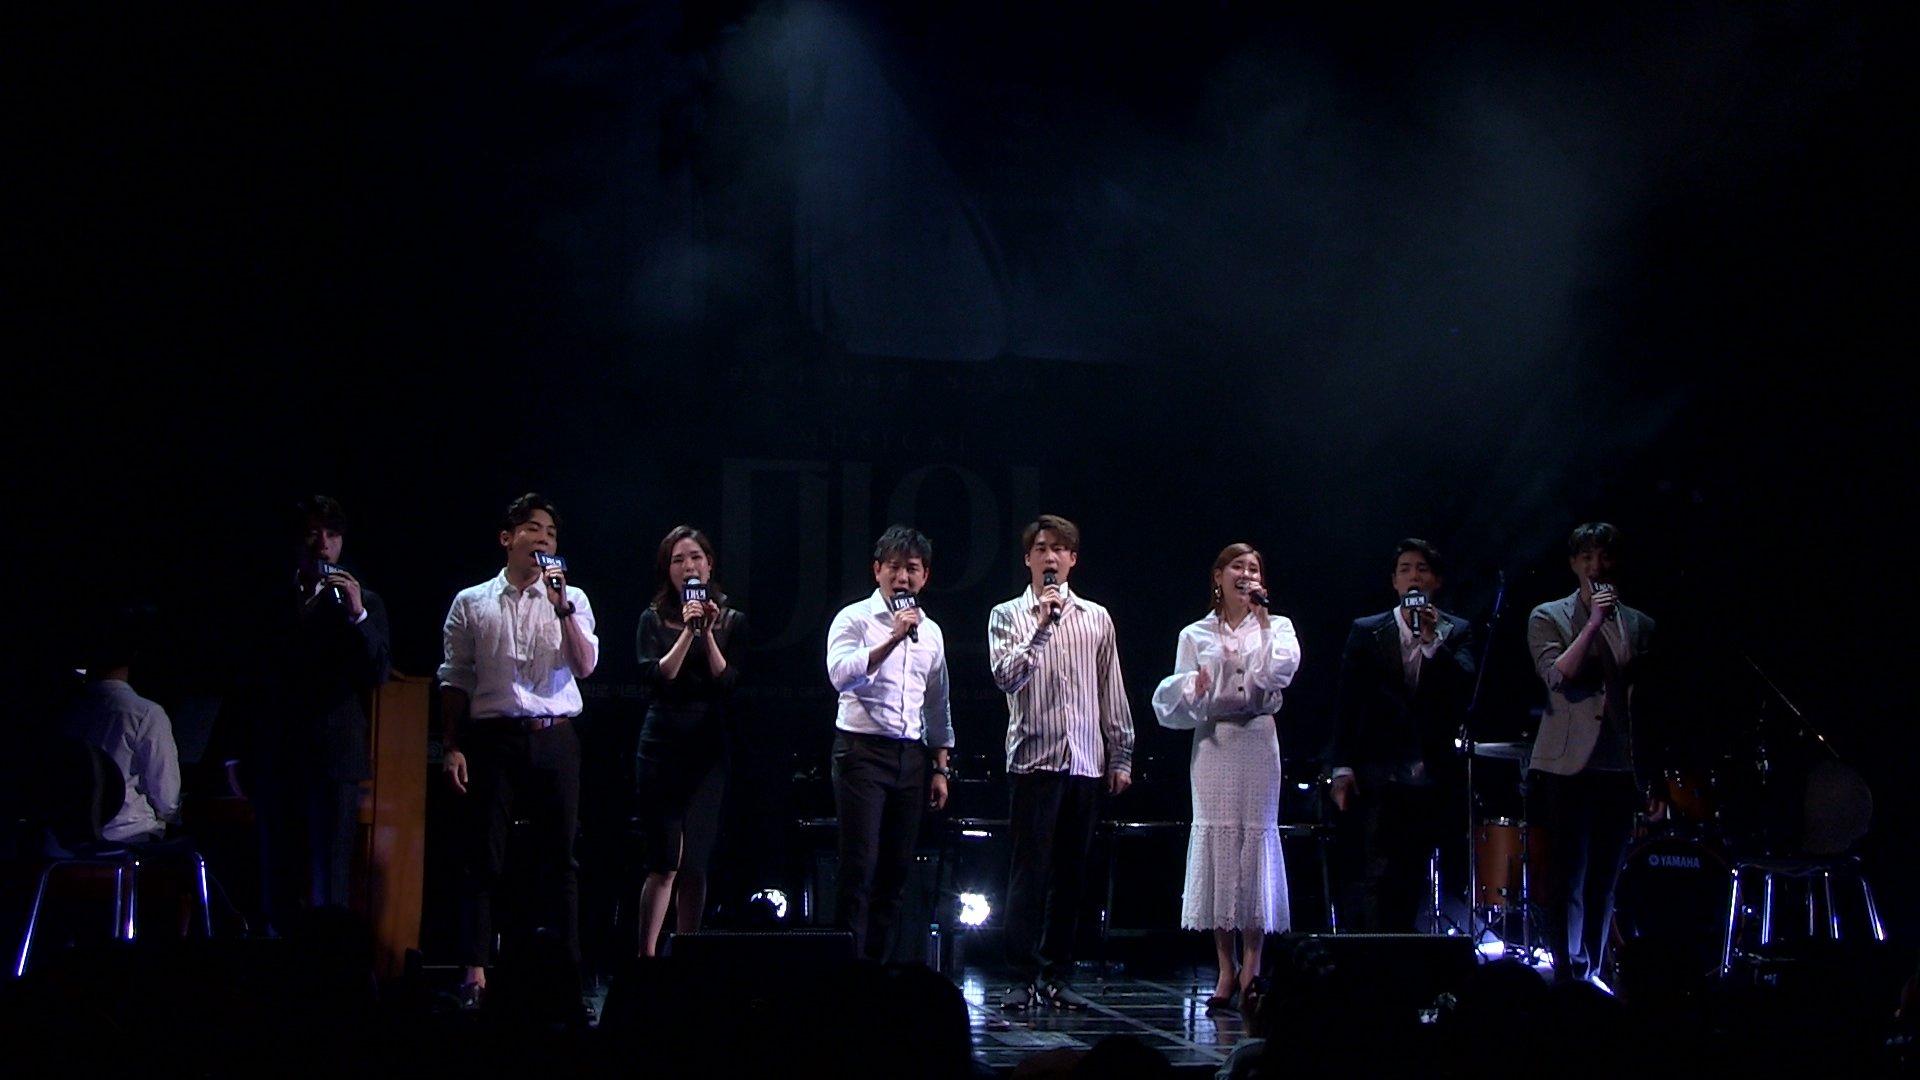 '미인' 쇼케이스 '아름다운 강산' - 이승현, 정원영, 김지철, 허혜진, 스테파니 외